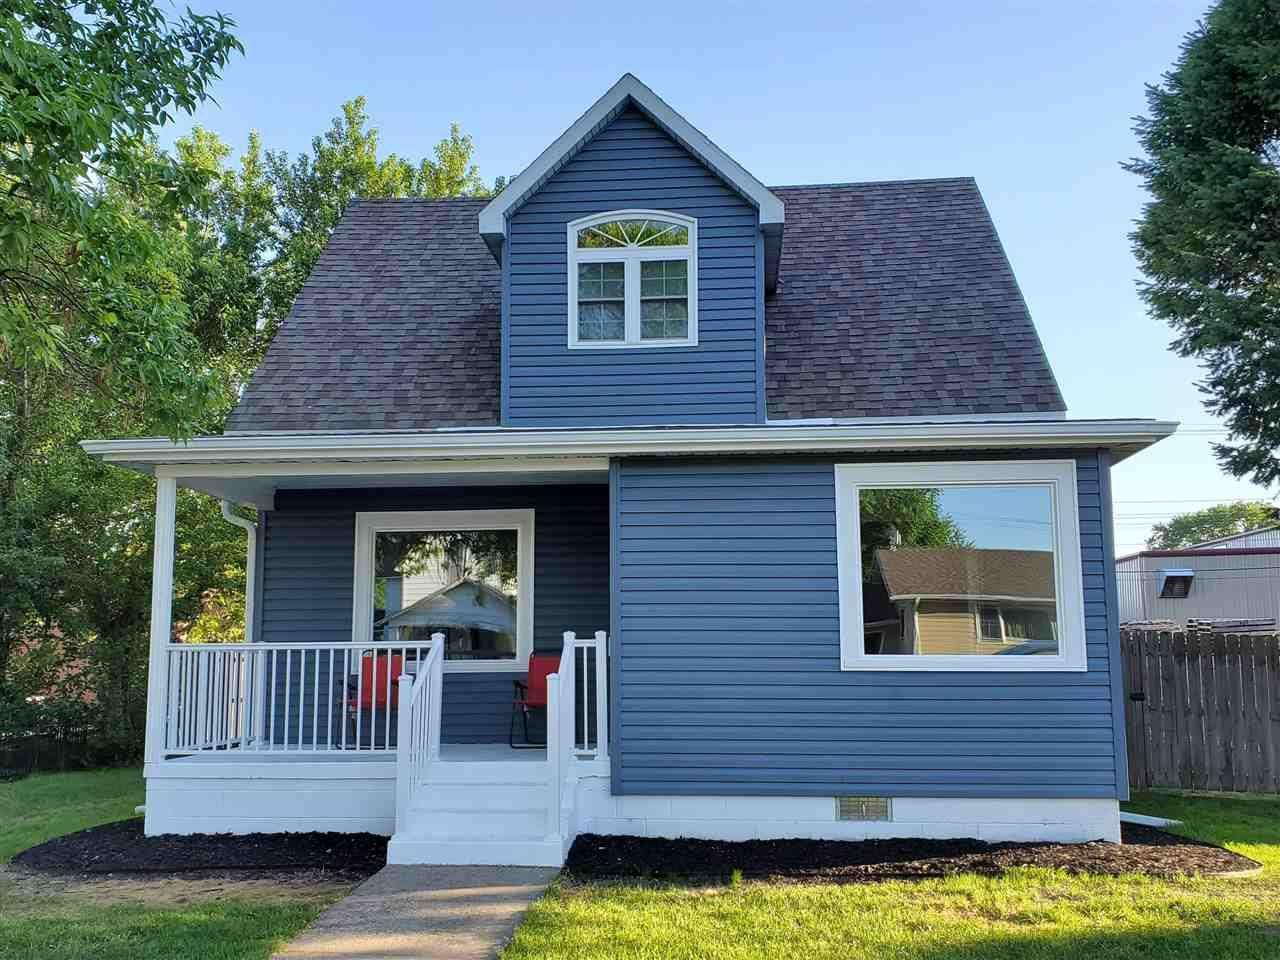 104 W Herman St., Battle Creek, NE 68715 - MLS#: 200334